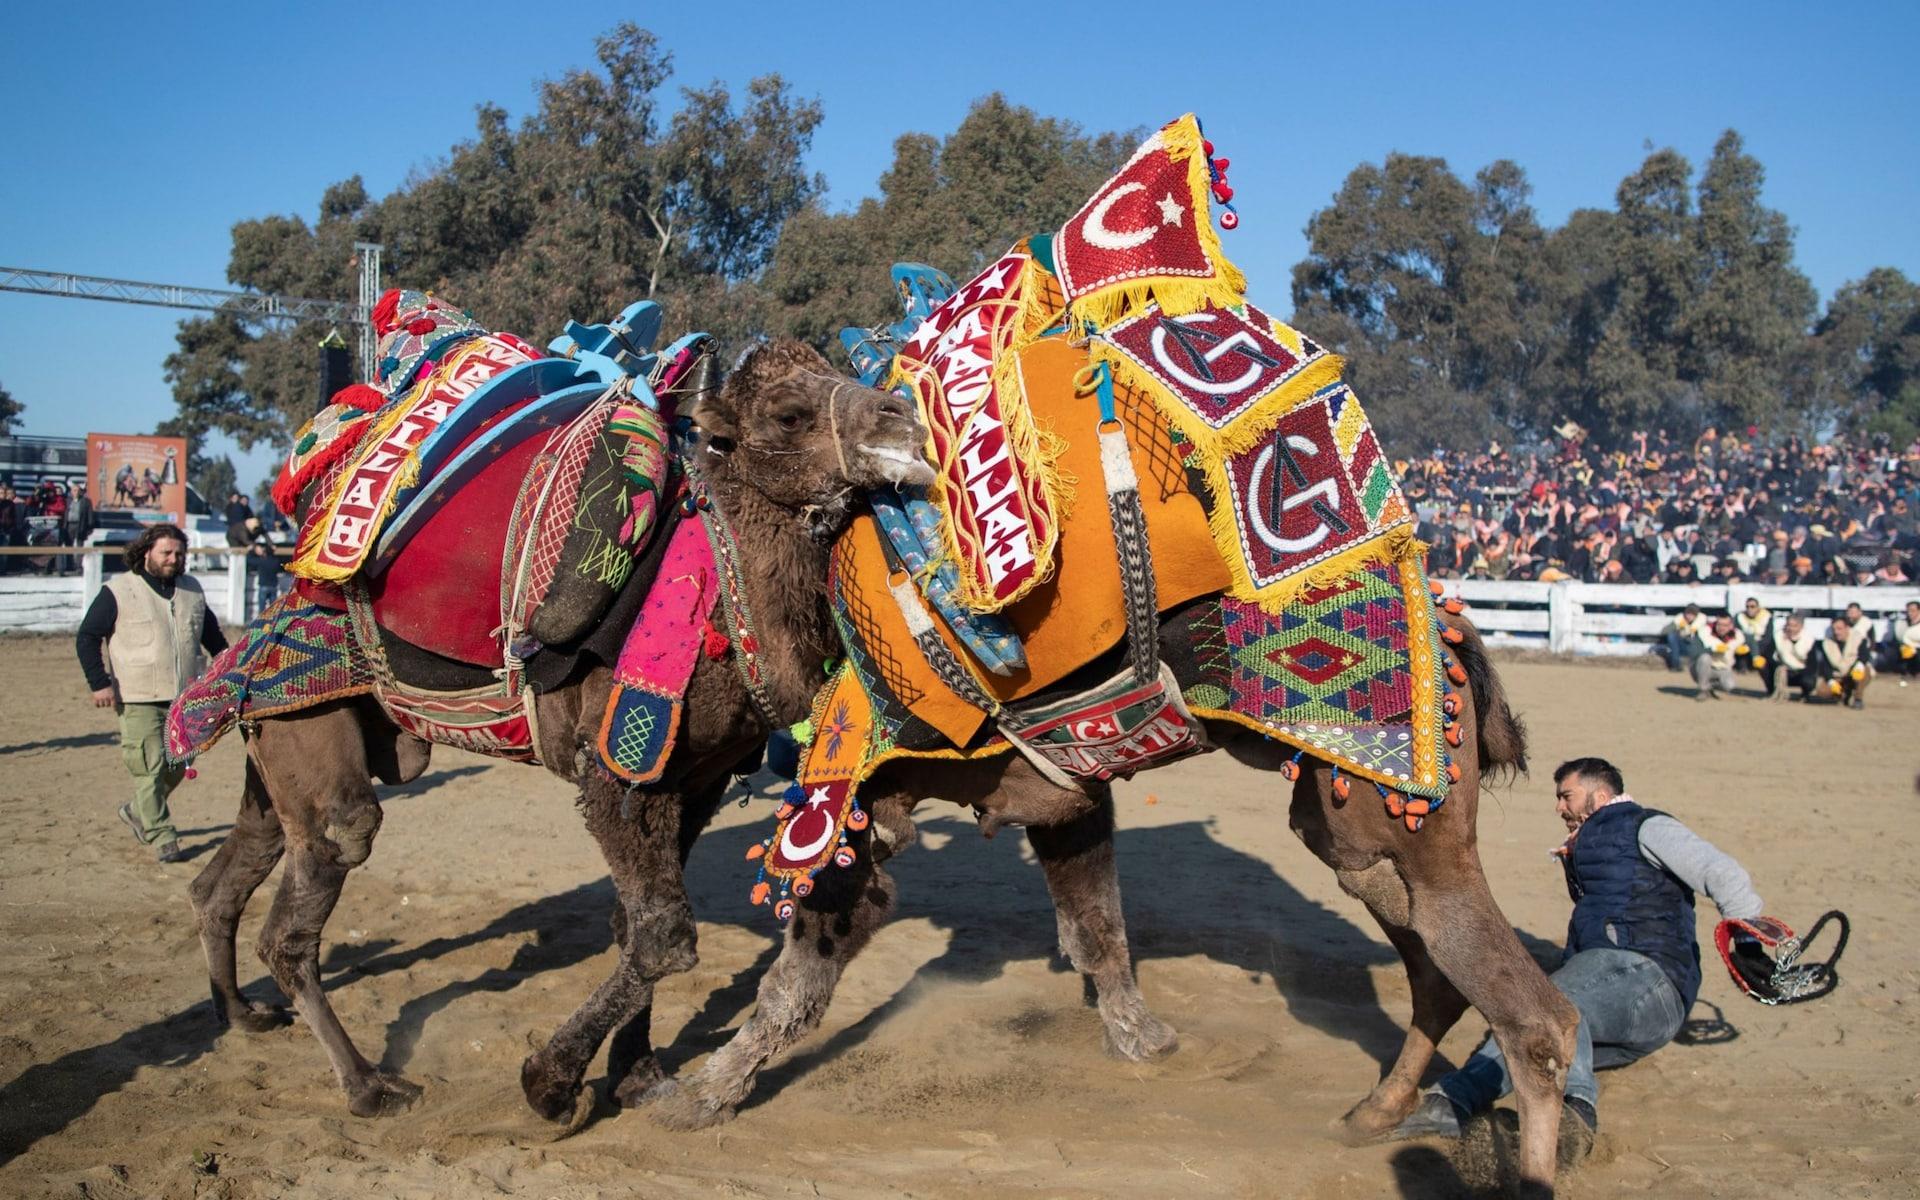 تصاویر روز: از شرکت بیش از ۹۷۰۰ نفر در آزمون استخدامی اسپانیا تا فستیوال جنگ شترها در ترکیه